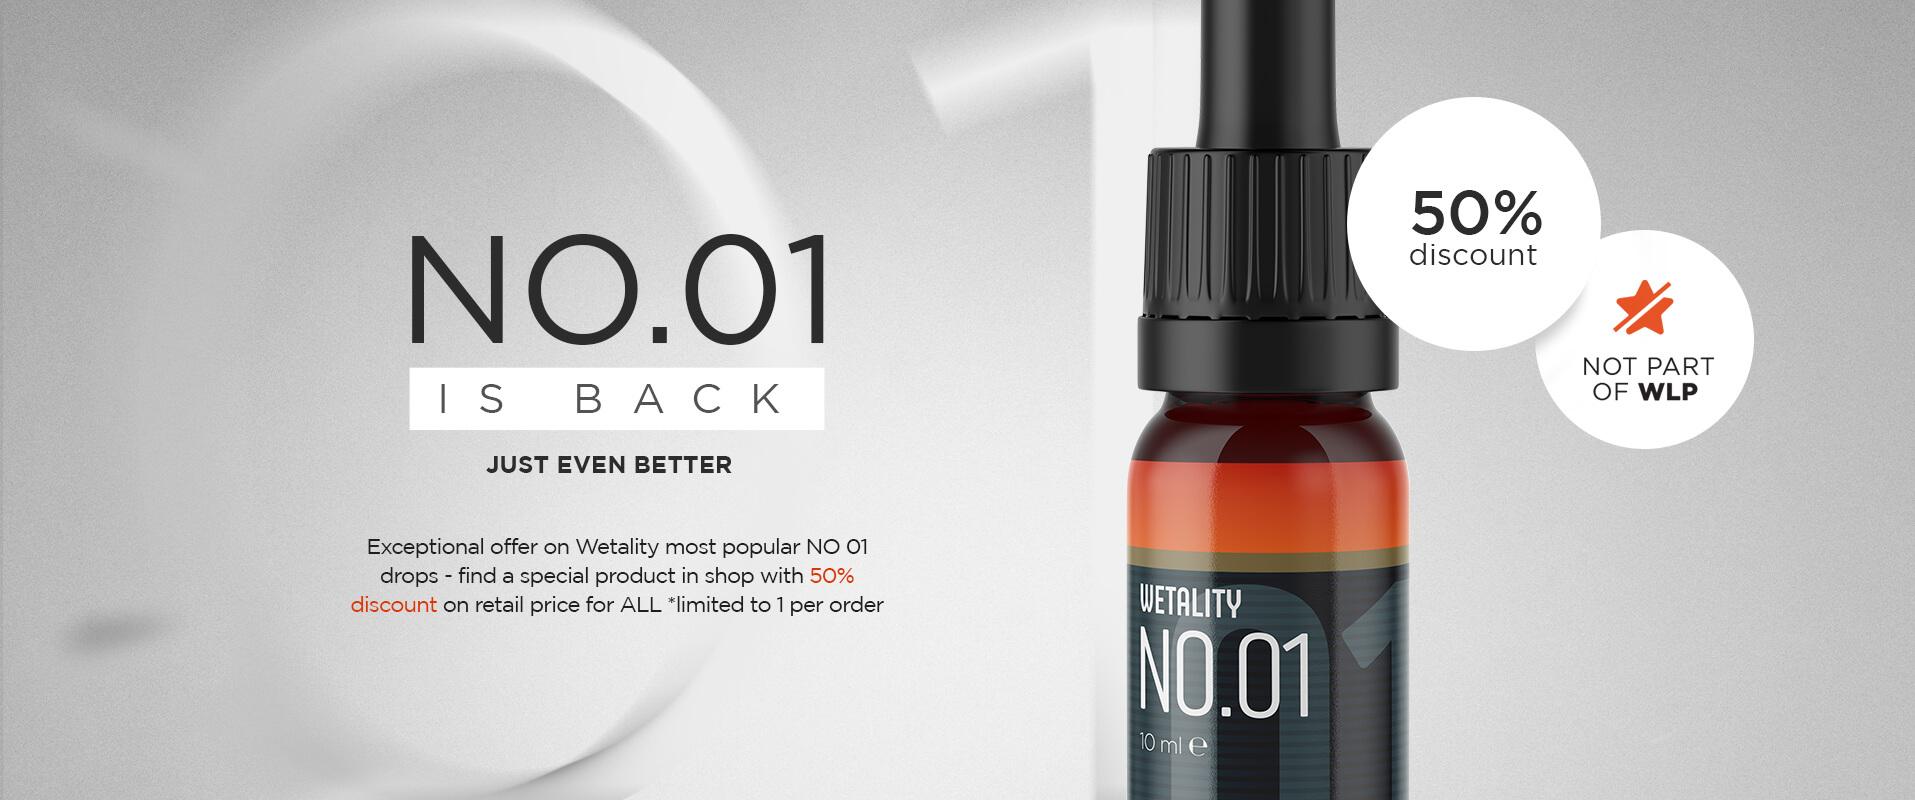 NO.01 - special offer